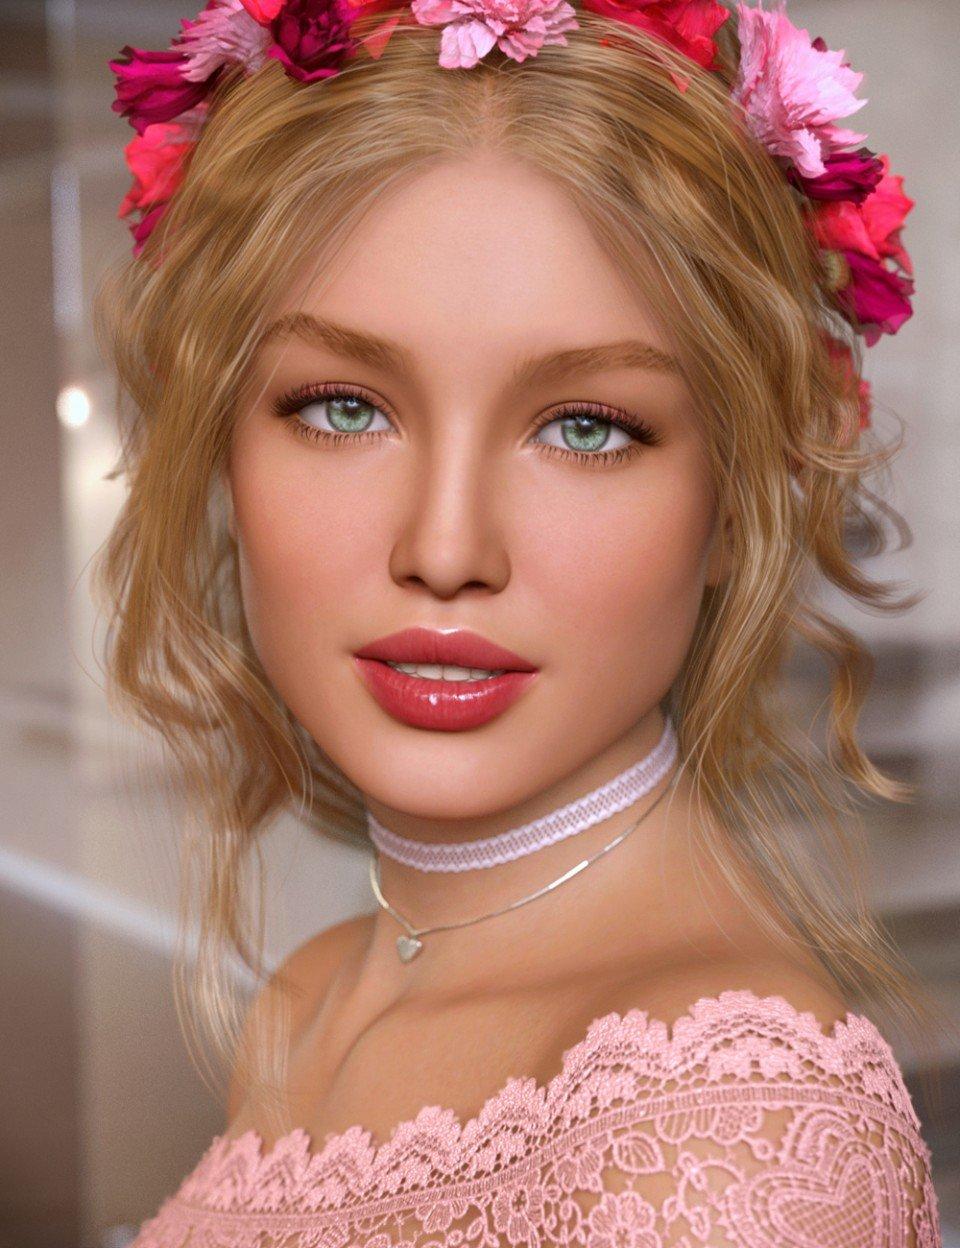 Adeline for Genesis 8 Female_DAZ3D下载站